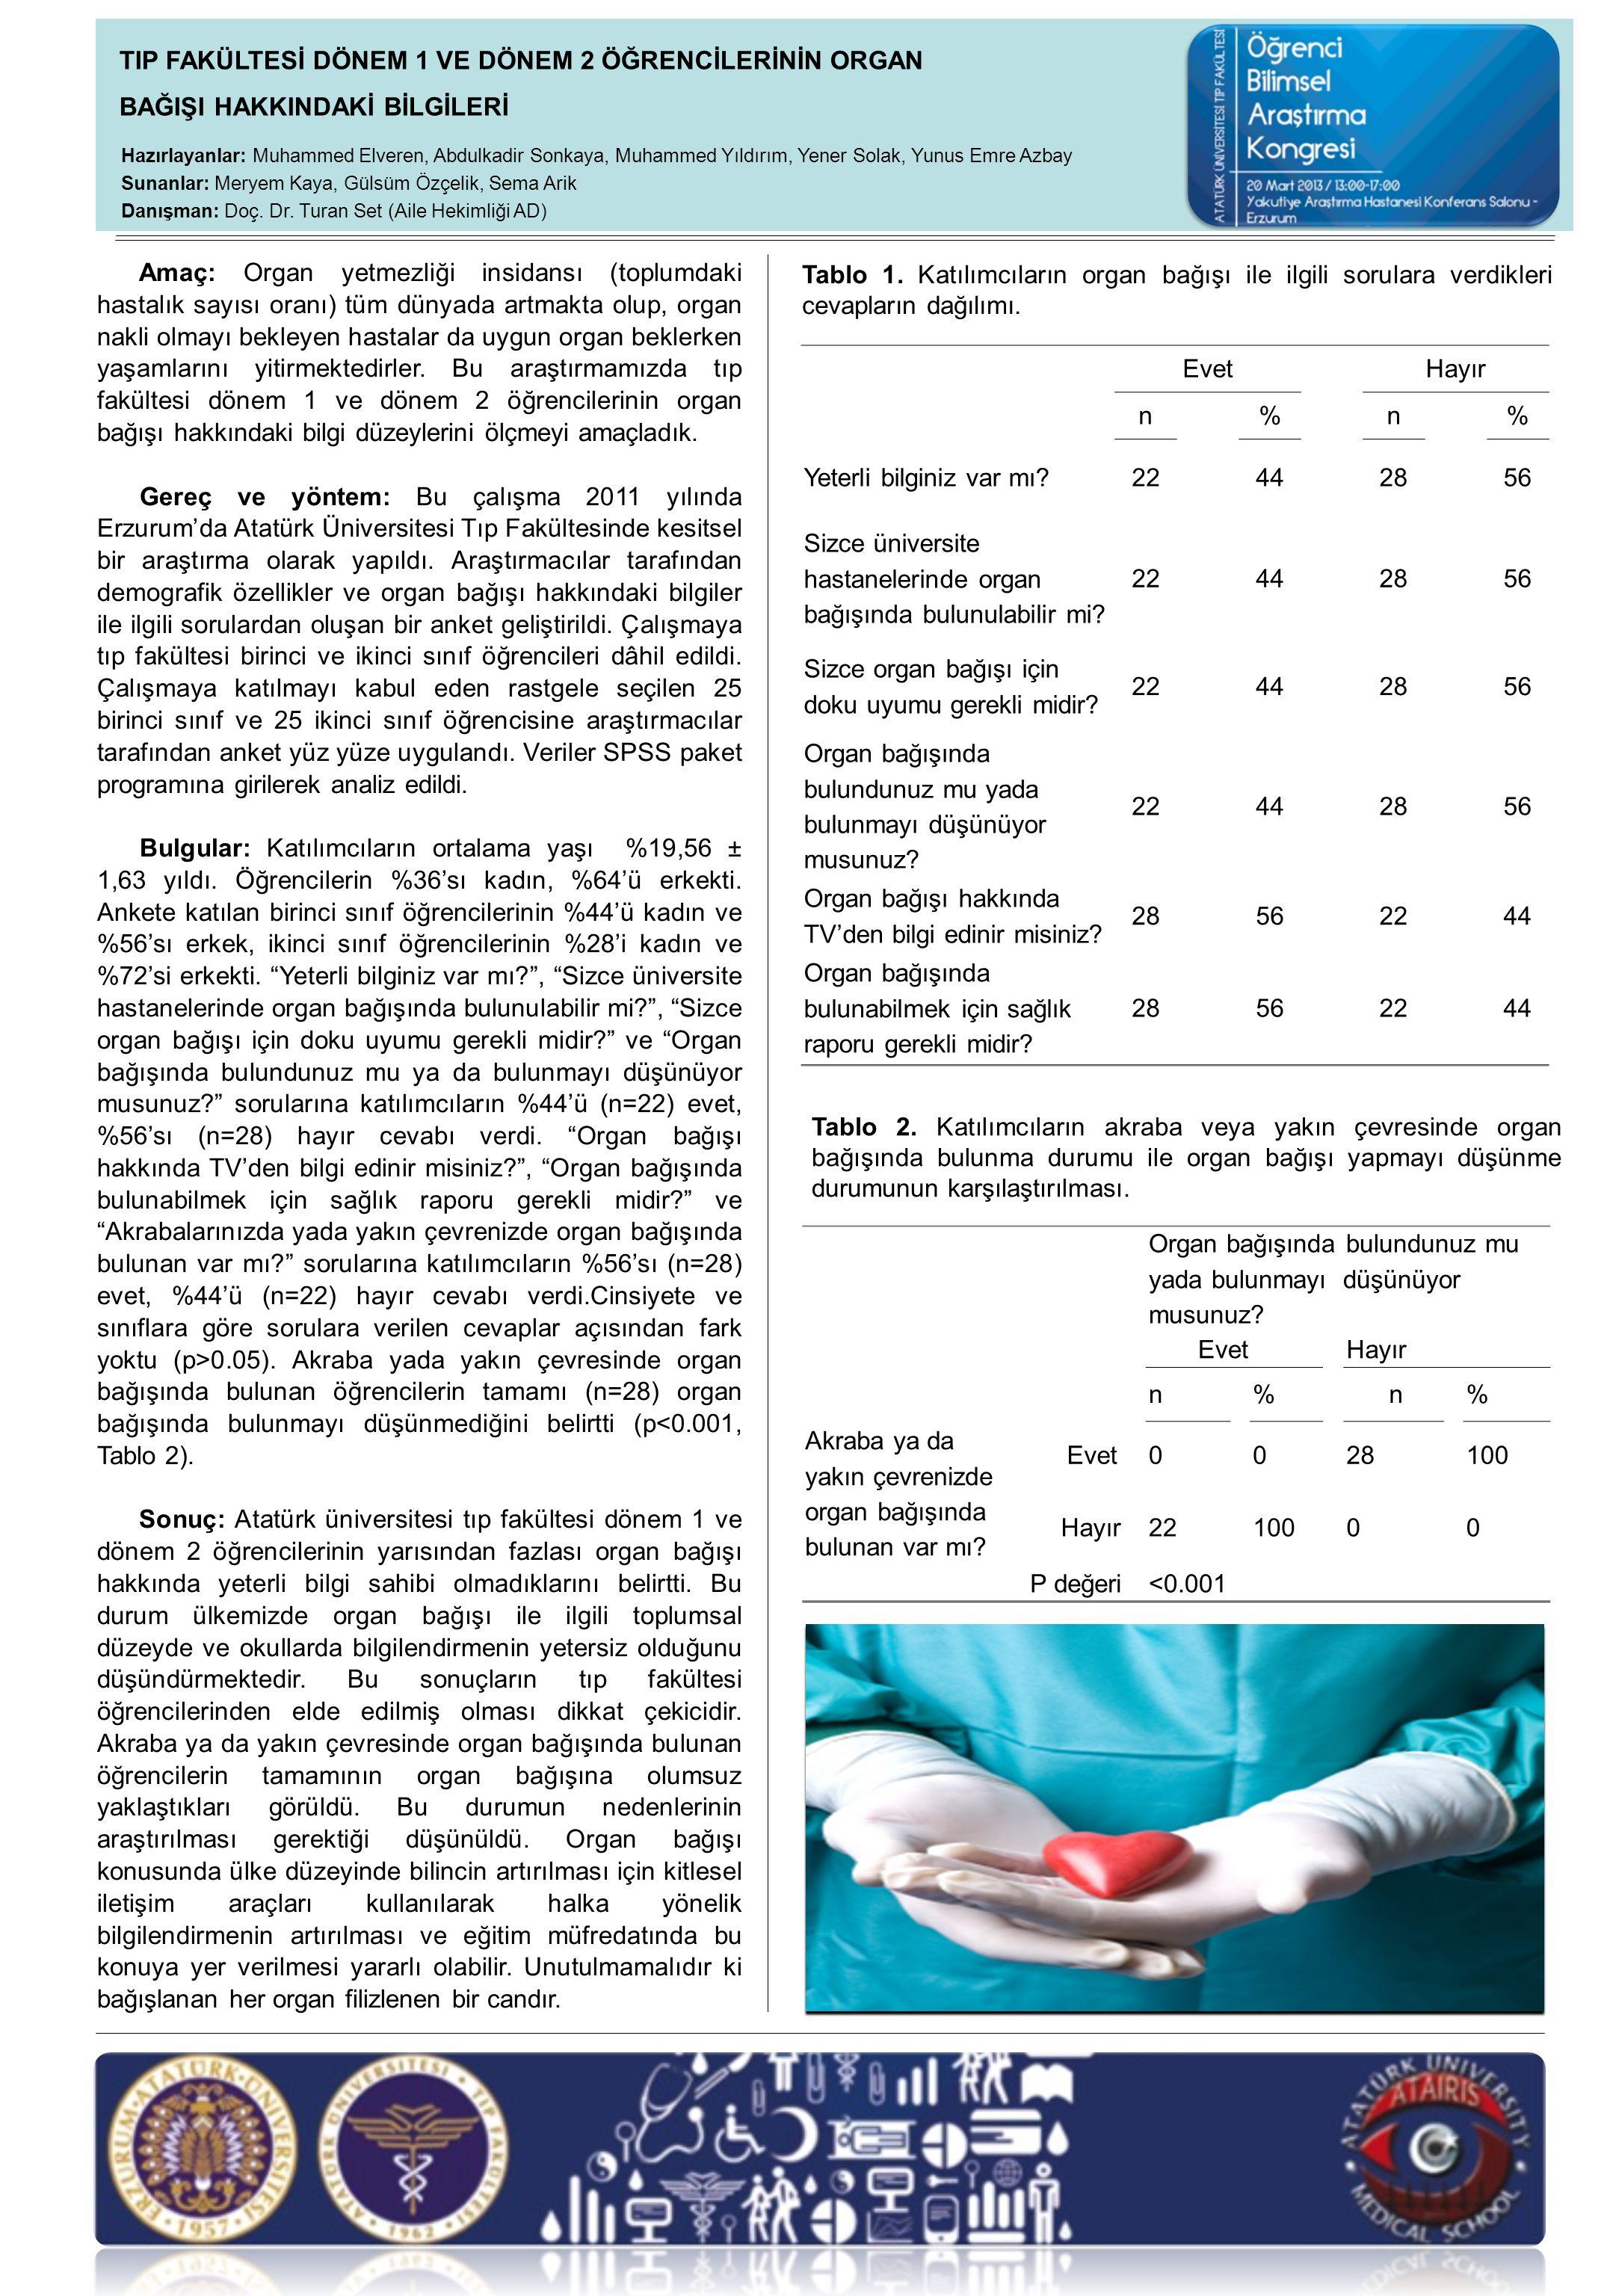 Amaç: Organ yetmezliği insidansı (toplumdaki hastalık sayısı oranı) tüm dünyada artmakta olup, organ nakli olmayı bekleyen hastalar da uygun organ beklerken yaşamlarını yitirmektedirler.